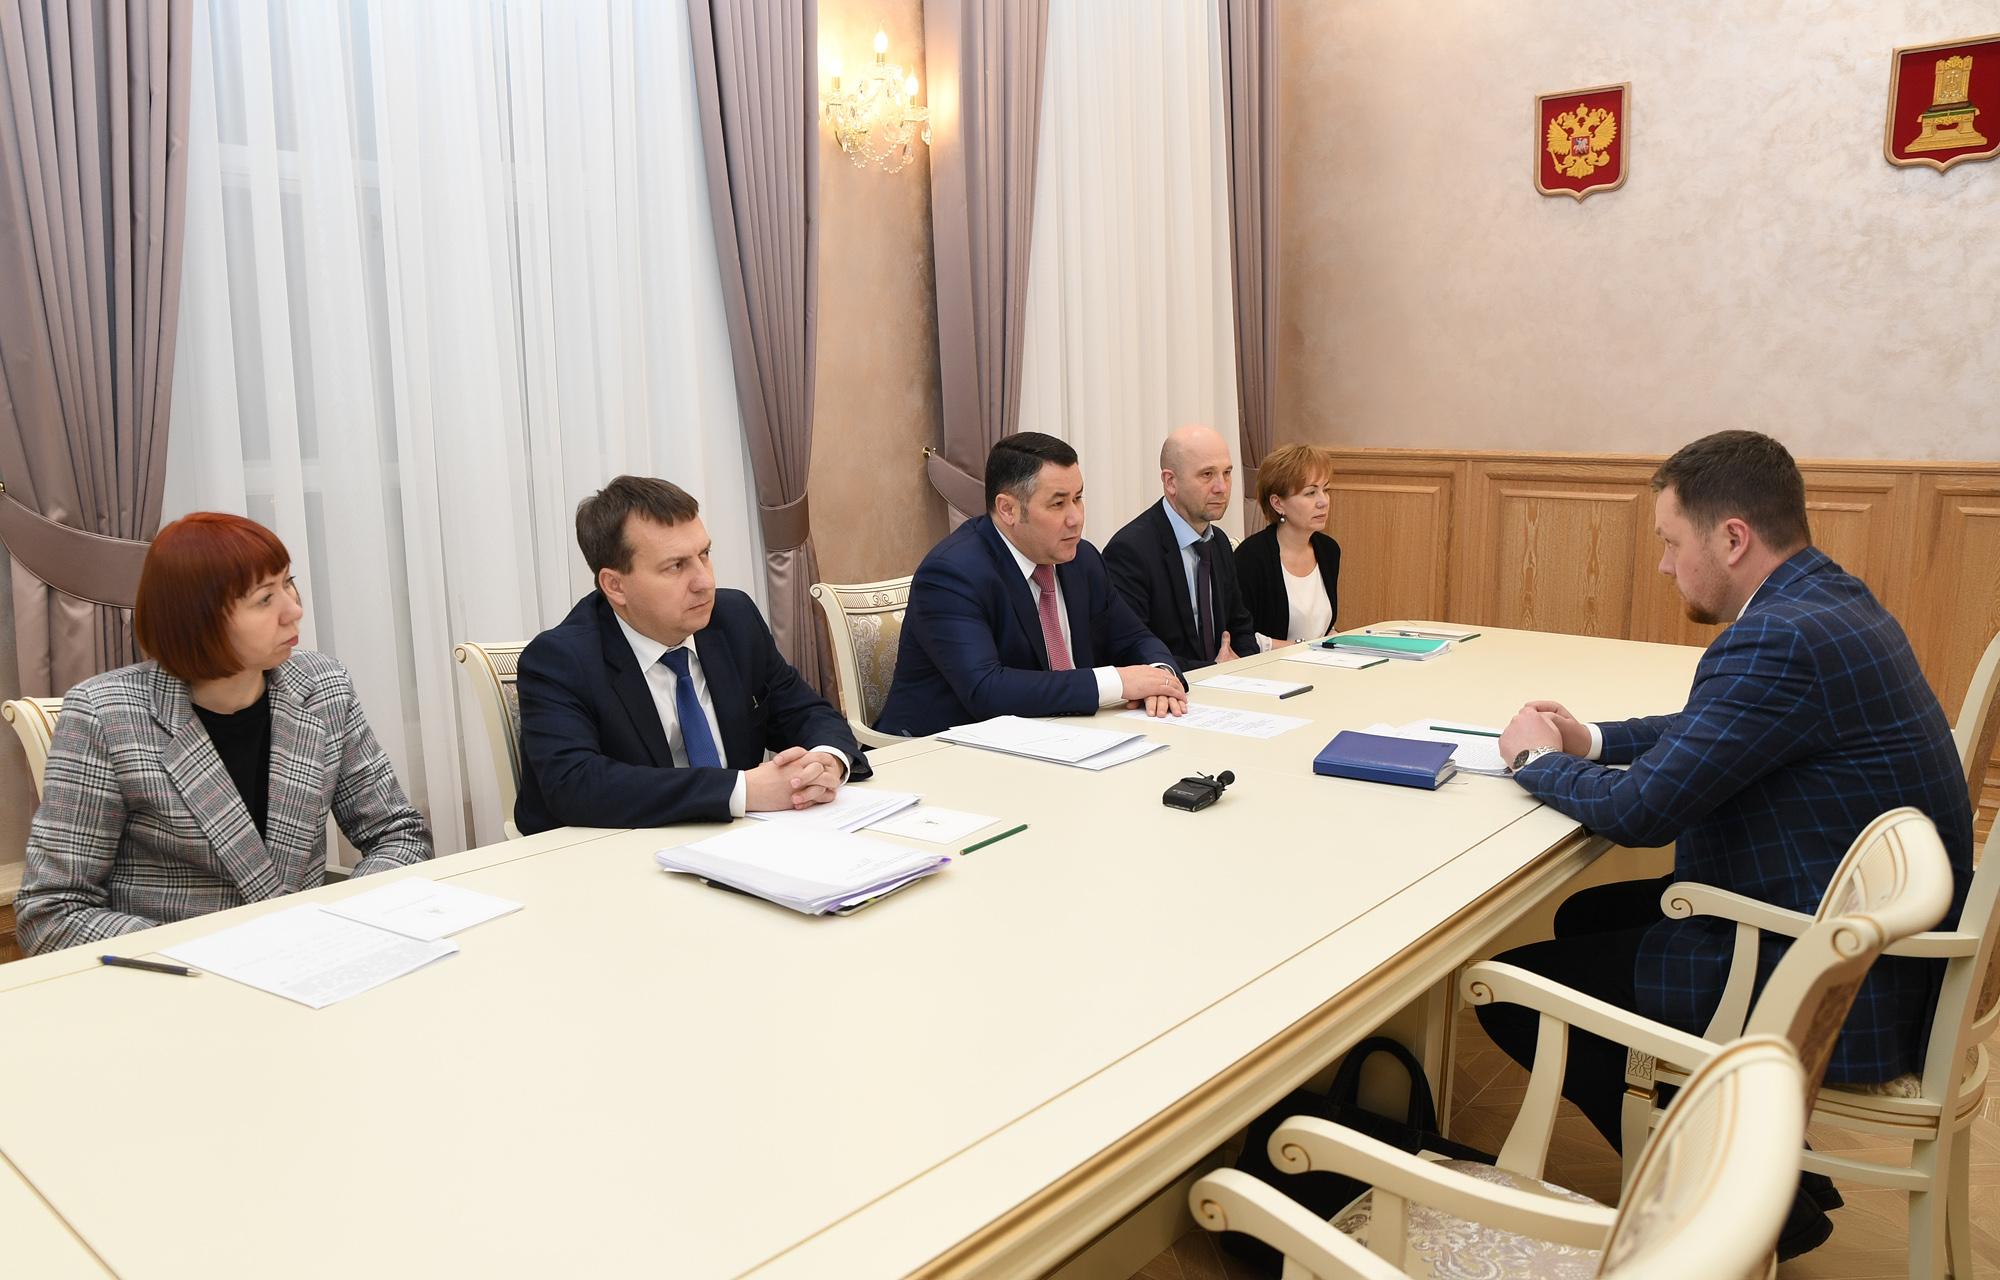 Игорь Руденя провел встречу с исполняющим полномочия главы Ржева Романом Крыловым